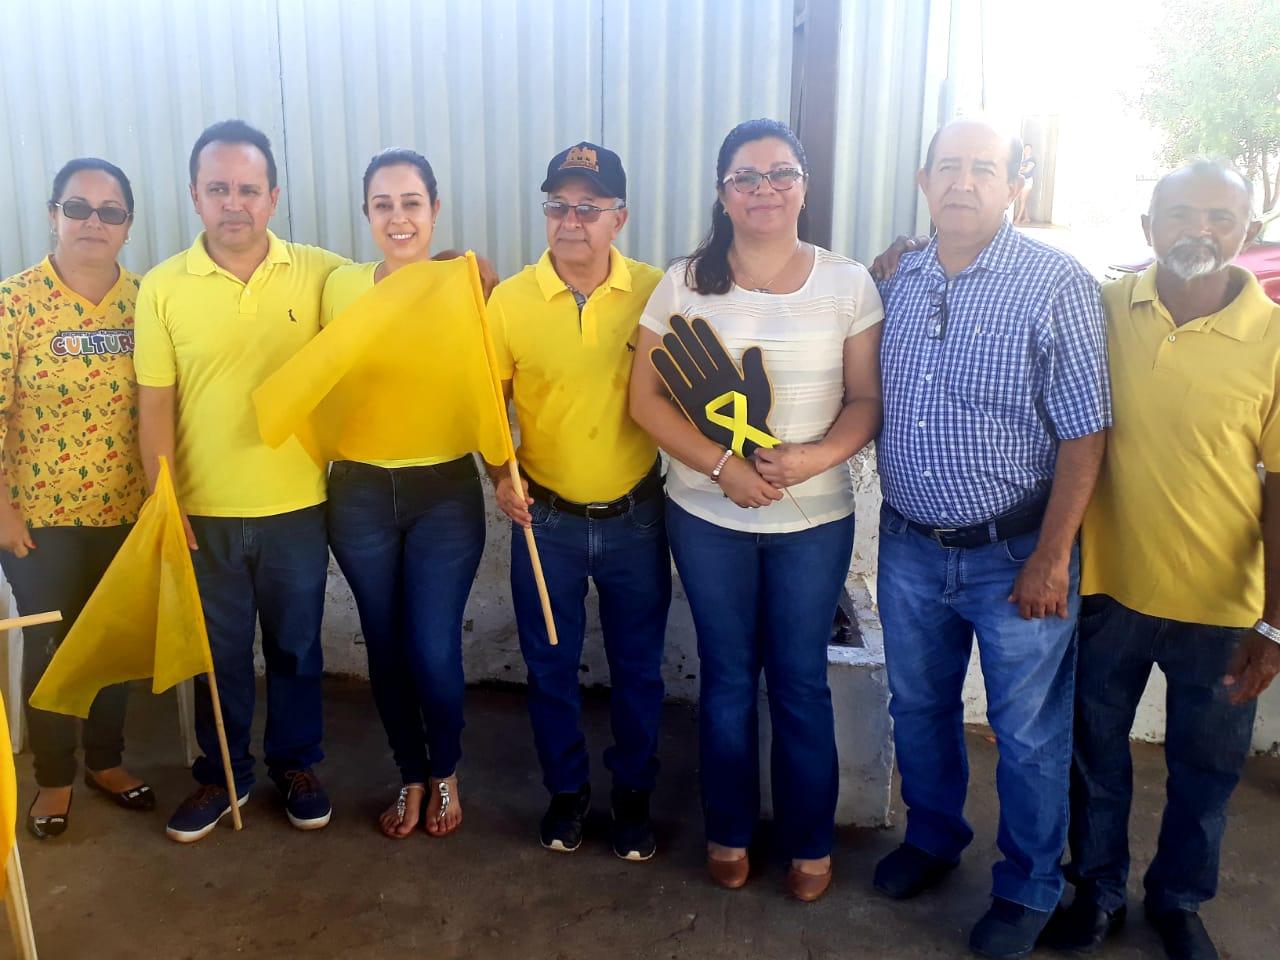 Prefeitura de Barro Duro realiza caminhada pela vida, no Setembro Amarelo - Imagem 21